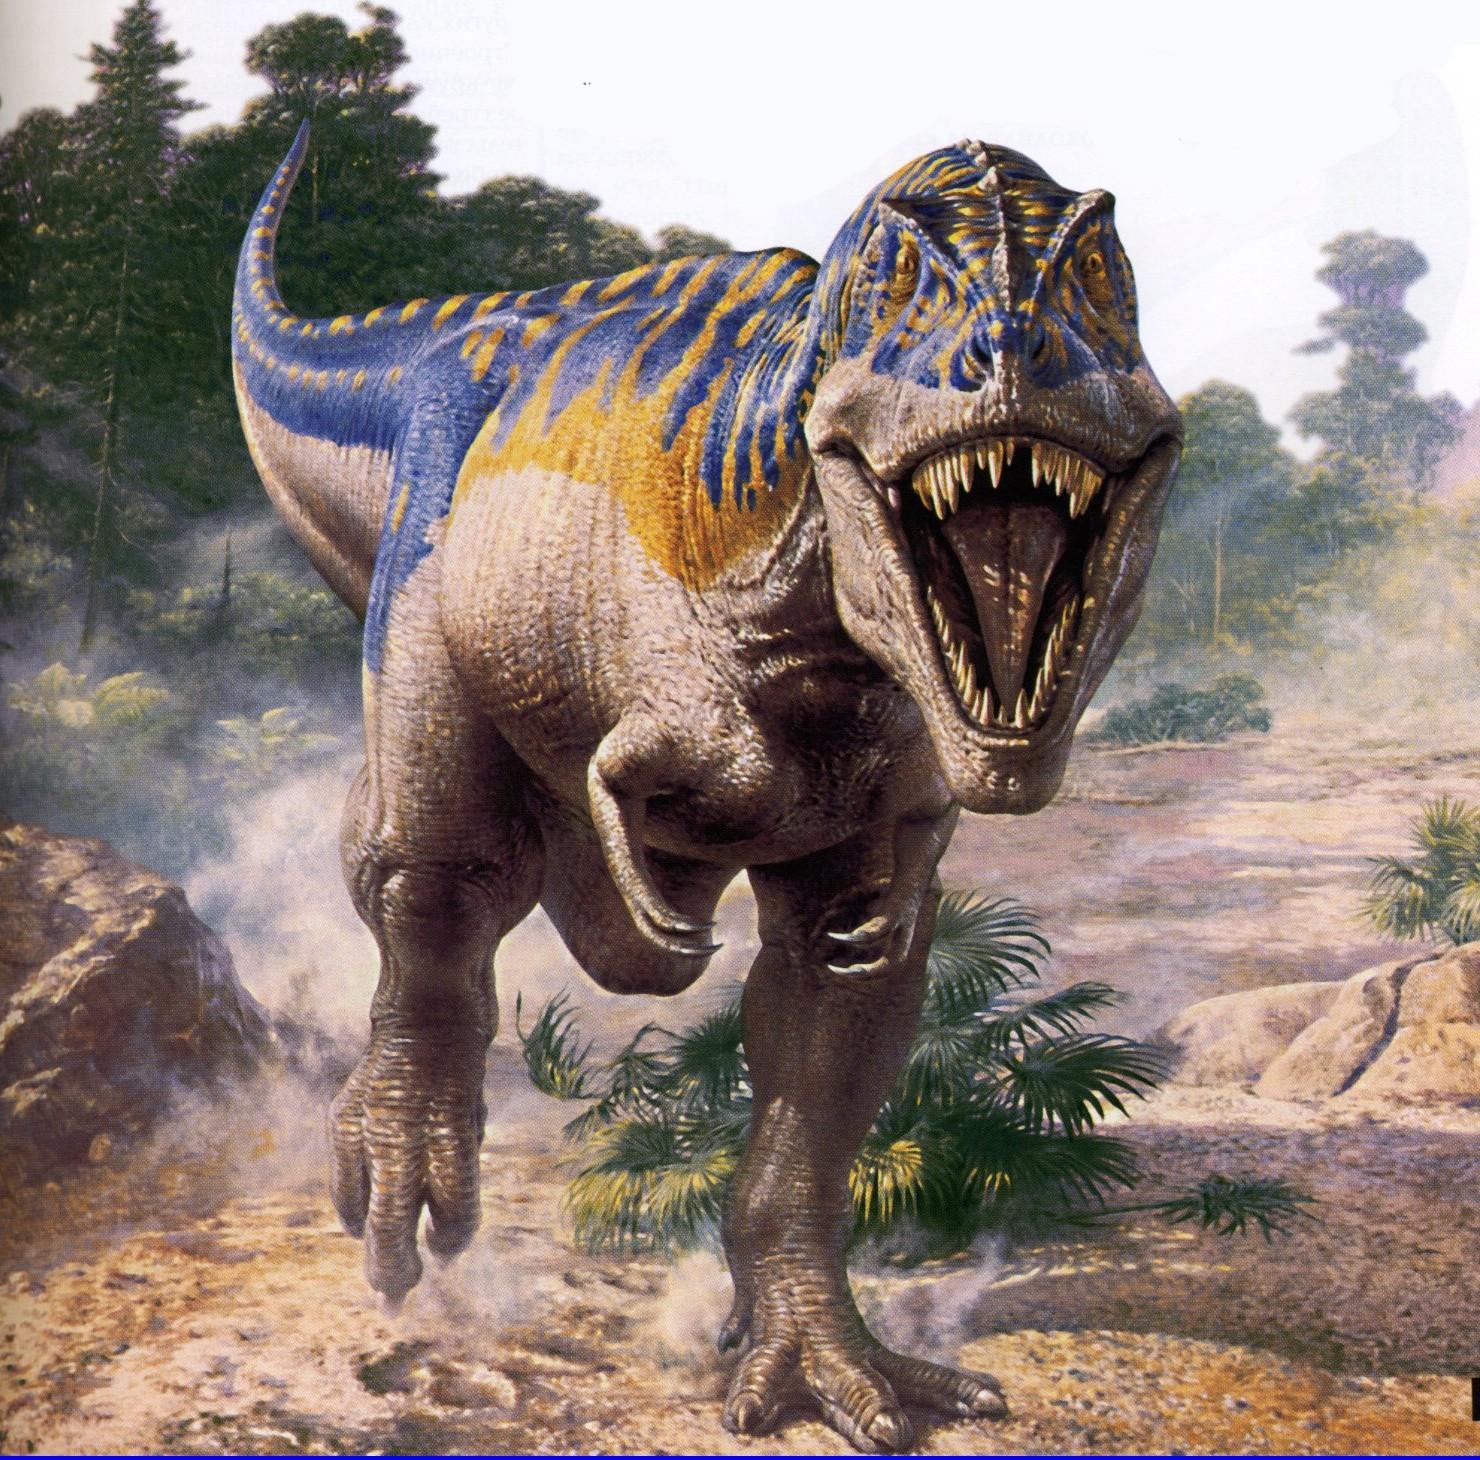 Британские ученые взвесили тираннозавра и оценили скорость его роста